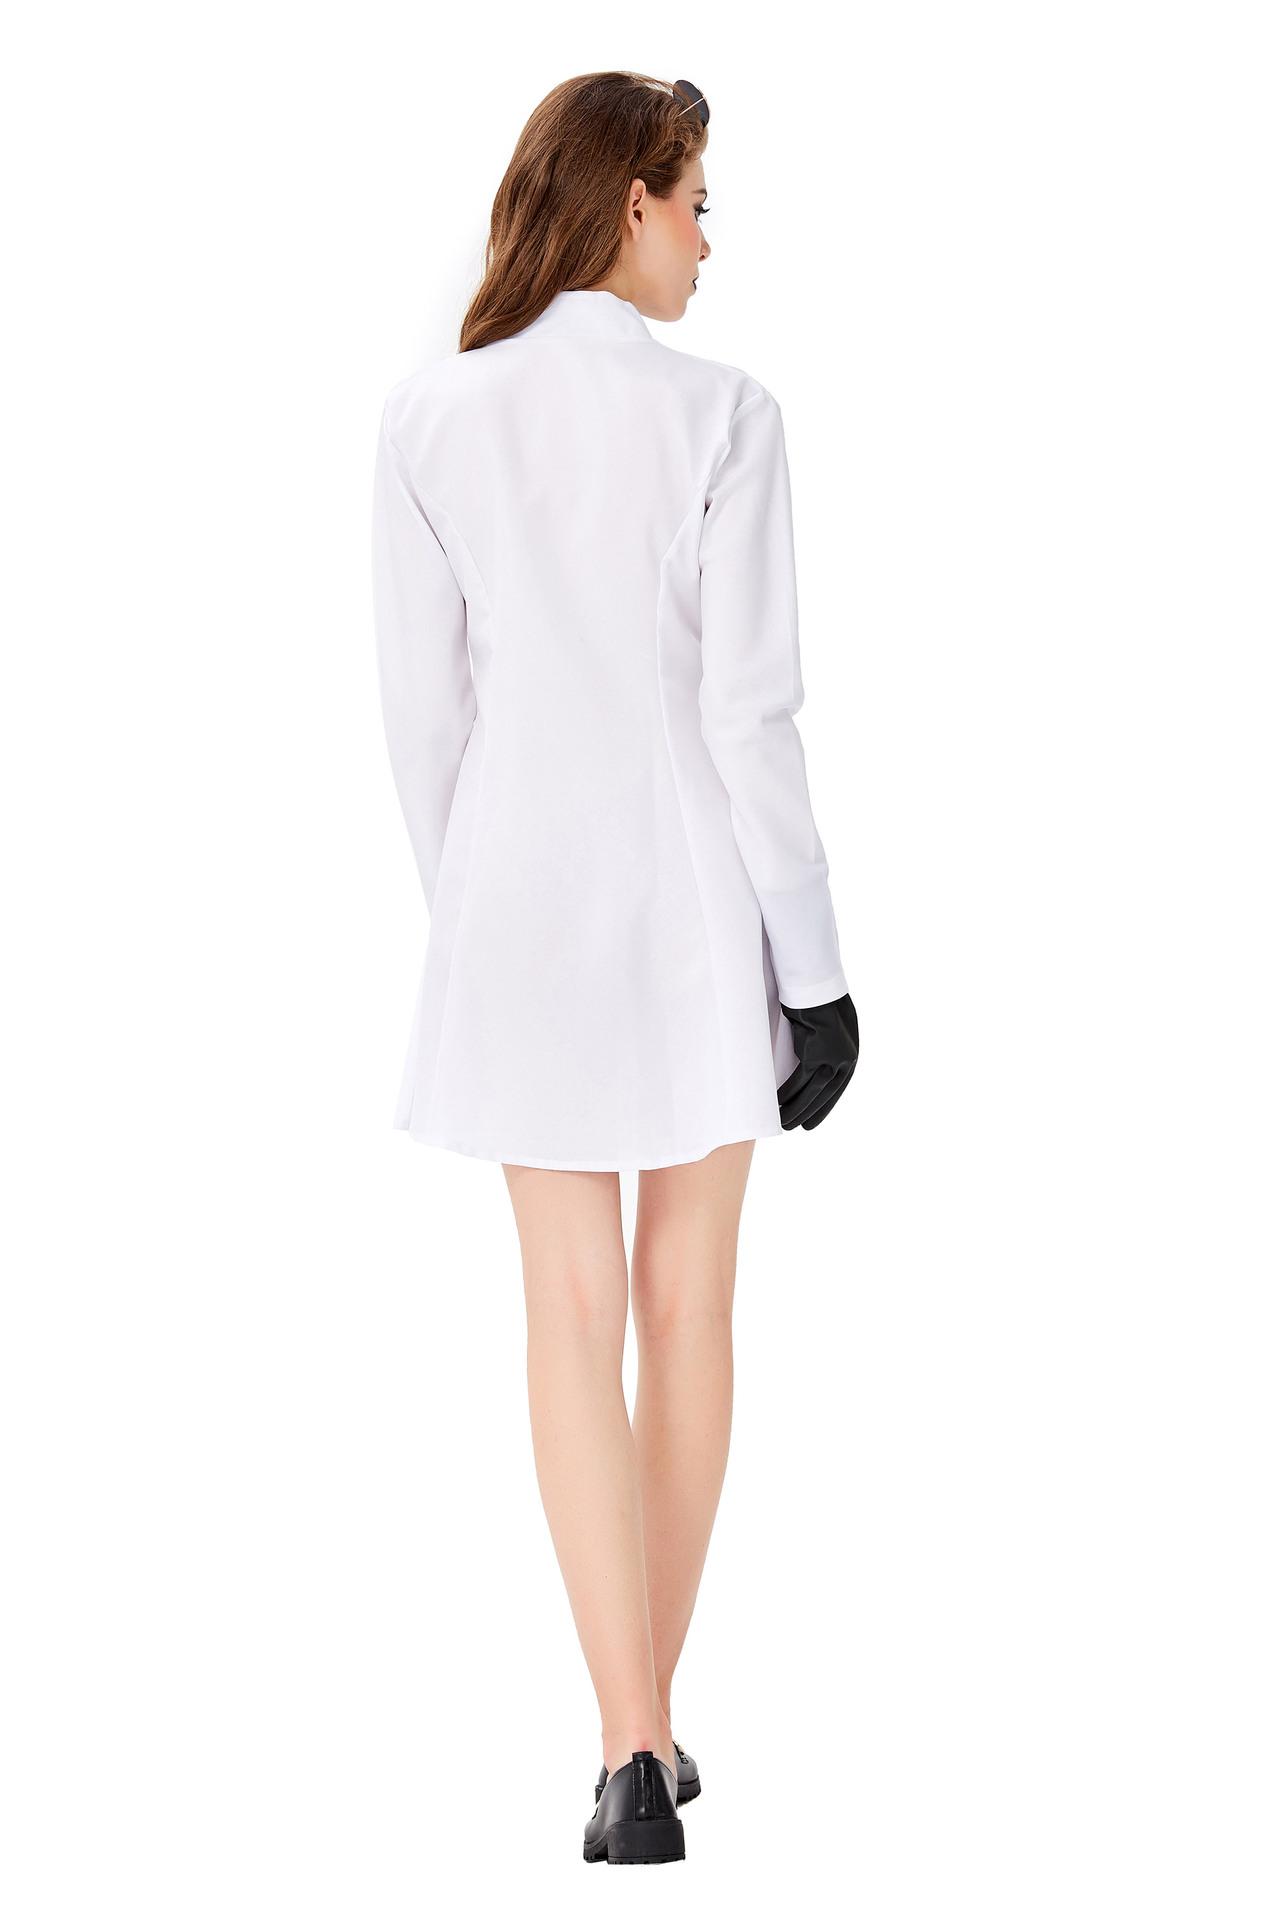 男性は同じタイプの白い上着の医師と看護師のコスプレハロウィン狂った科学者の服の女性を演じます。